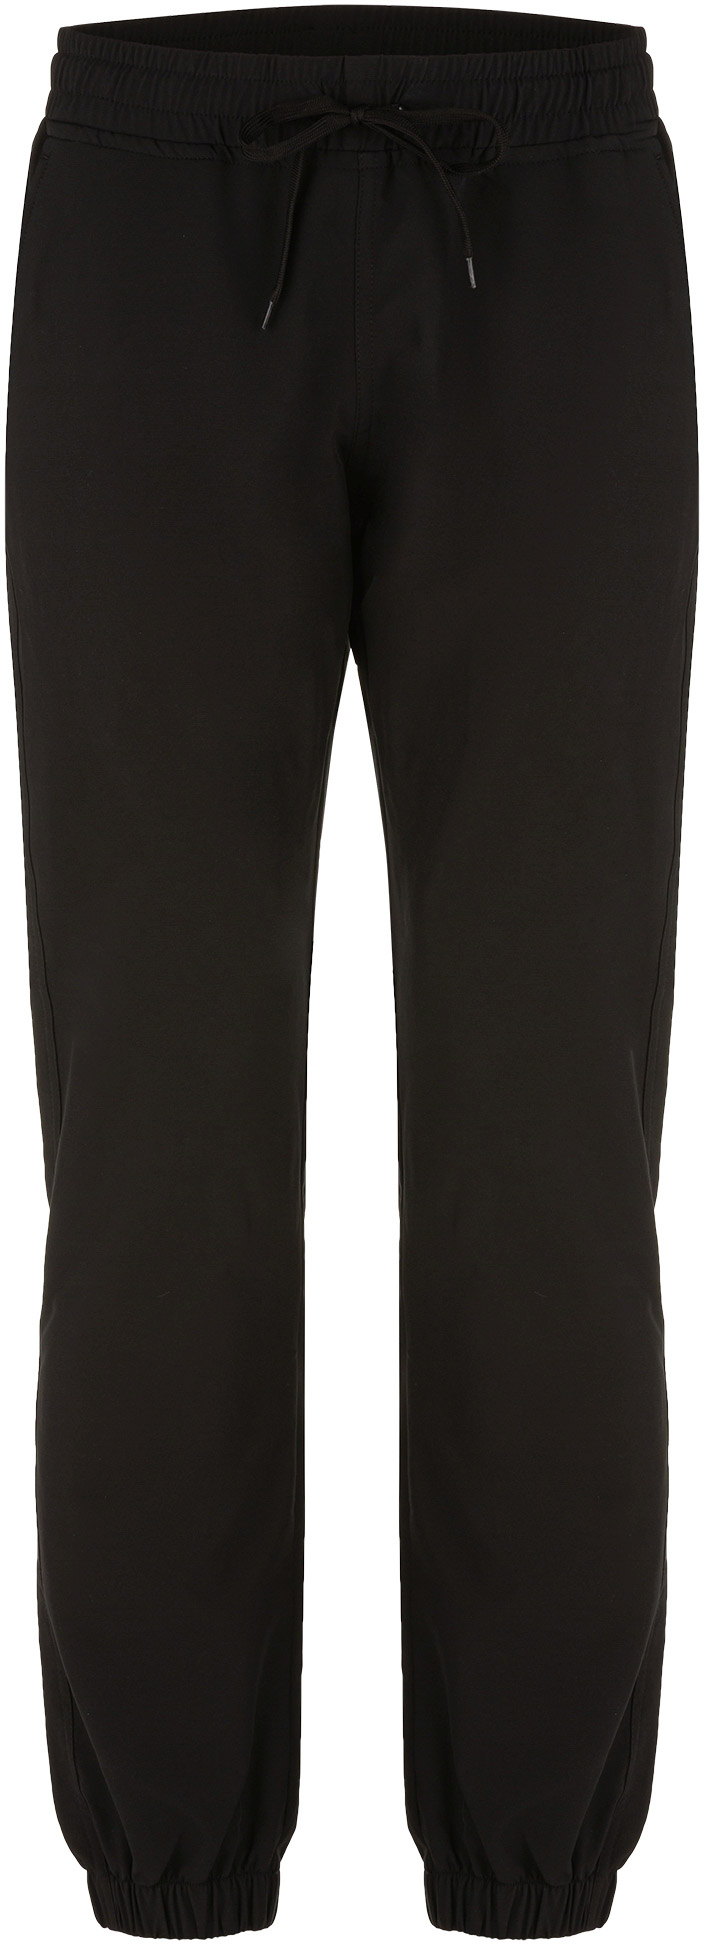 Dámské softshellové kalhoty Loap Ursiana